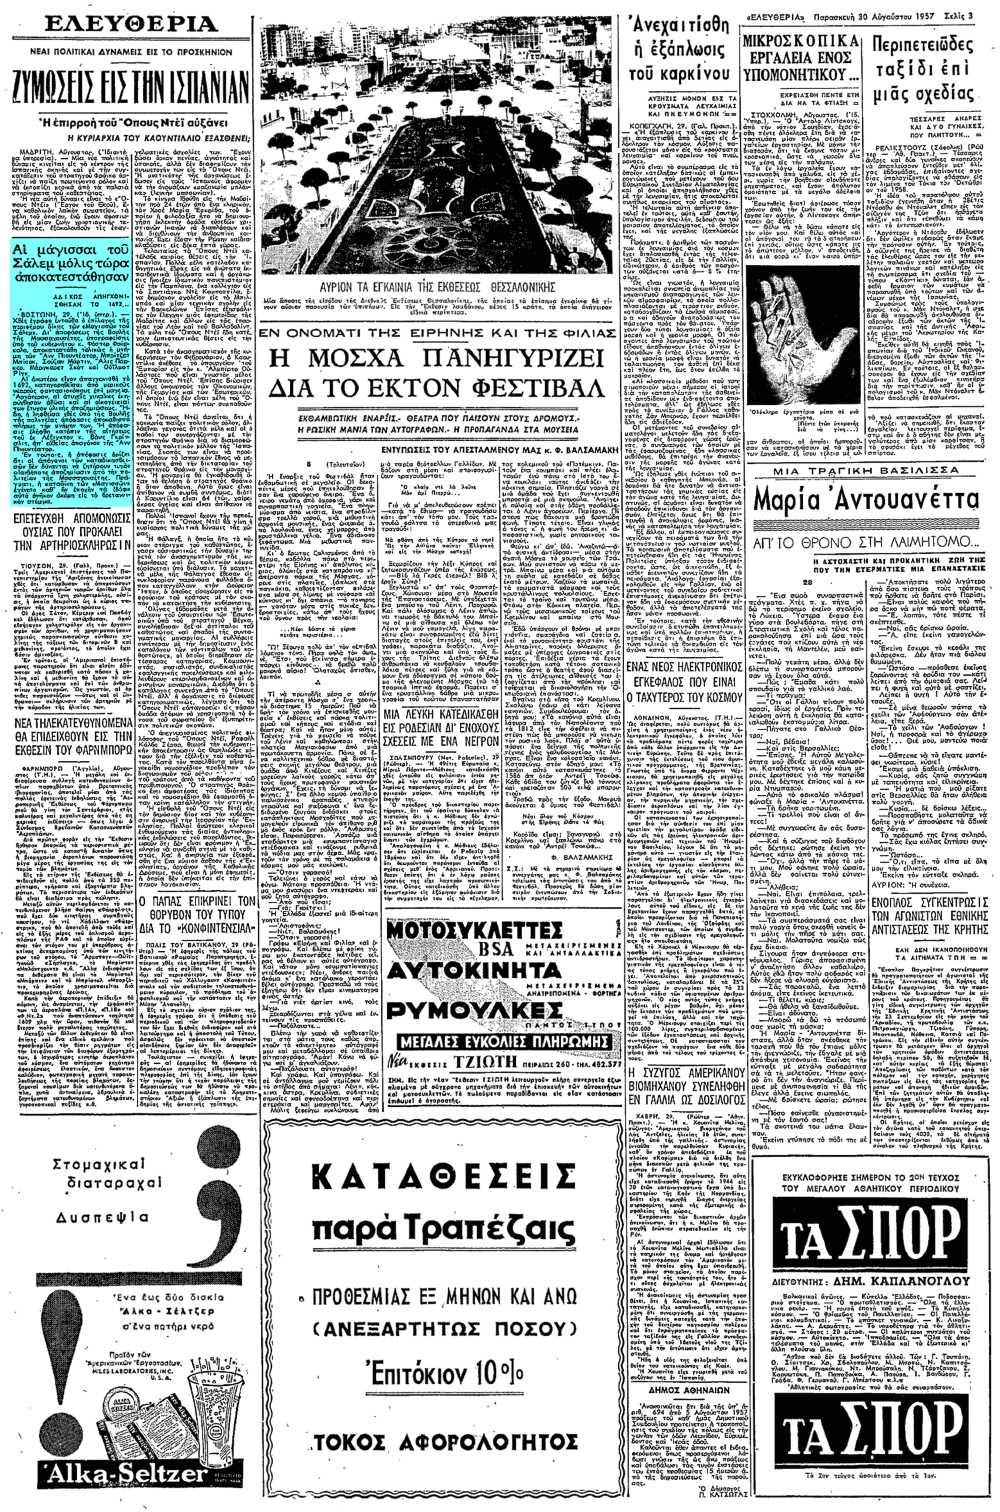 """Το άρθρο, όπως δημοσιεύθηκε στην εφημερίδα """"ΕΛΕΥΘΕΡΙΑ"""", στις 30/08/1957"""